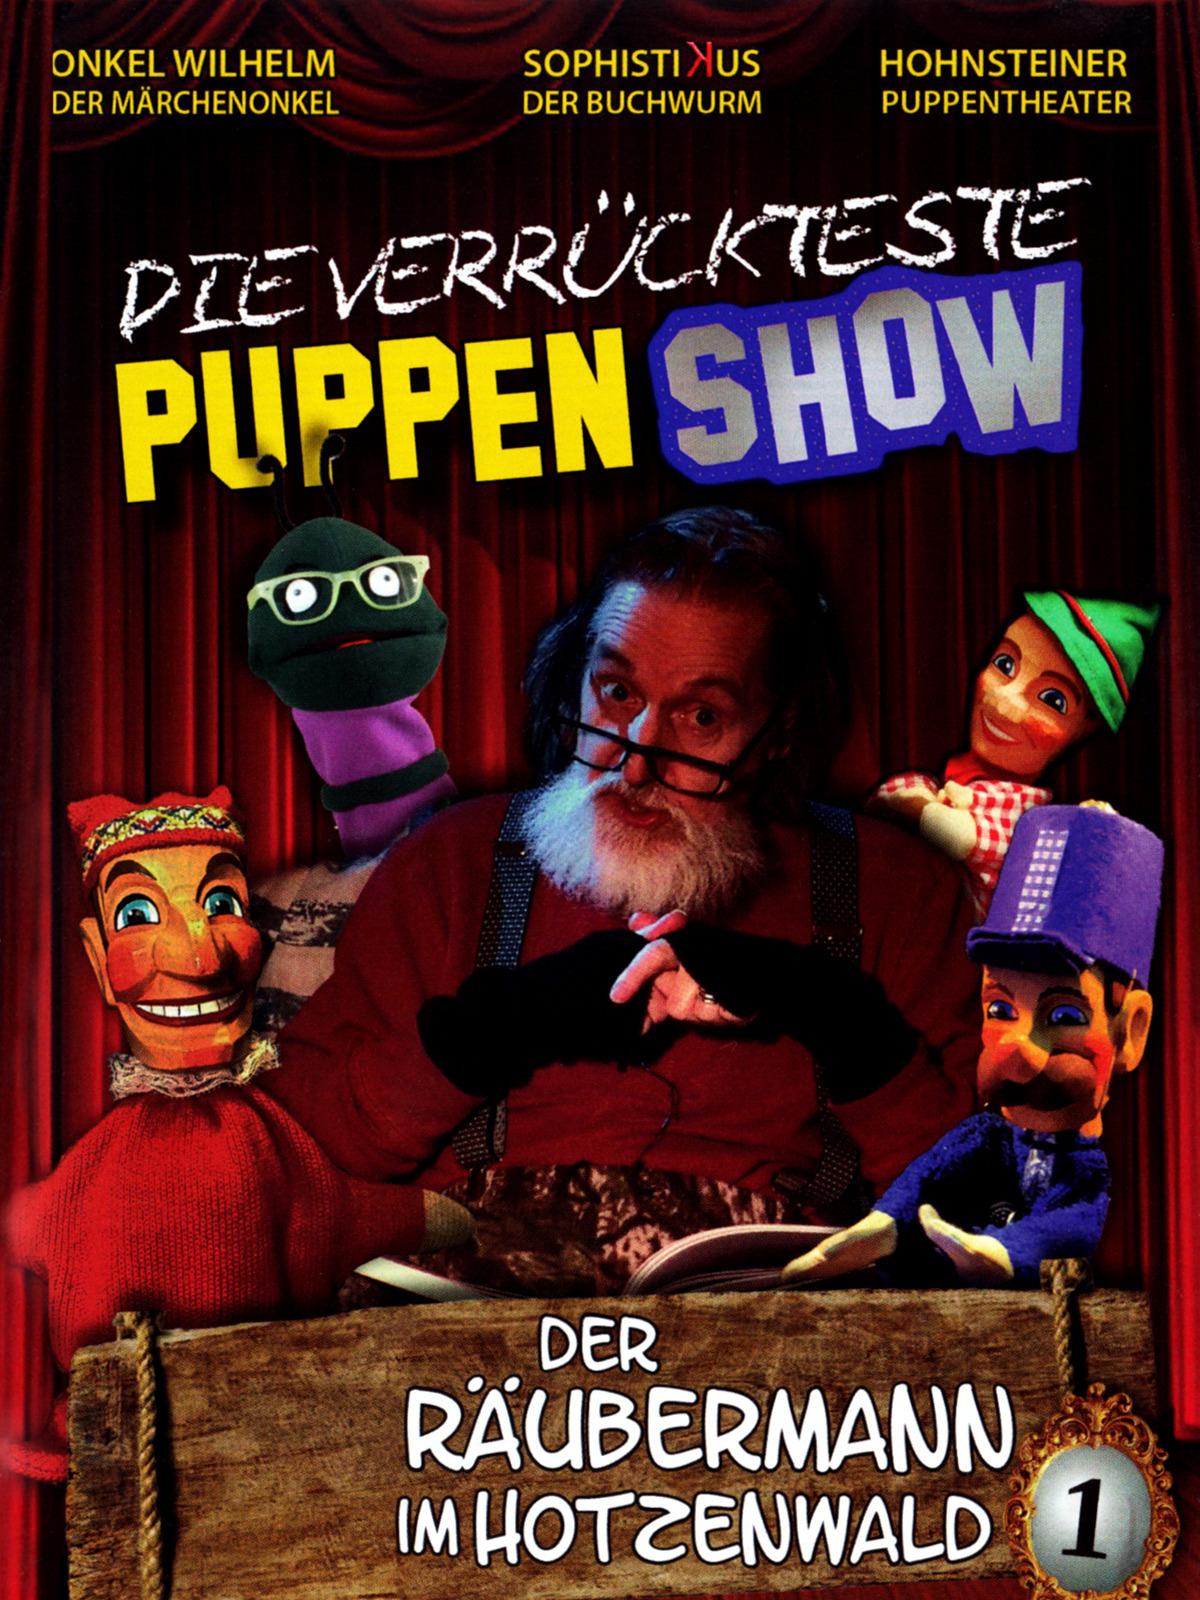 Die verrückteste Puppenshow - Der Räubermann im Hotzenwald